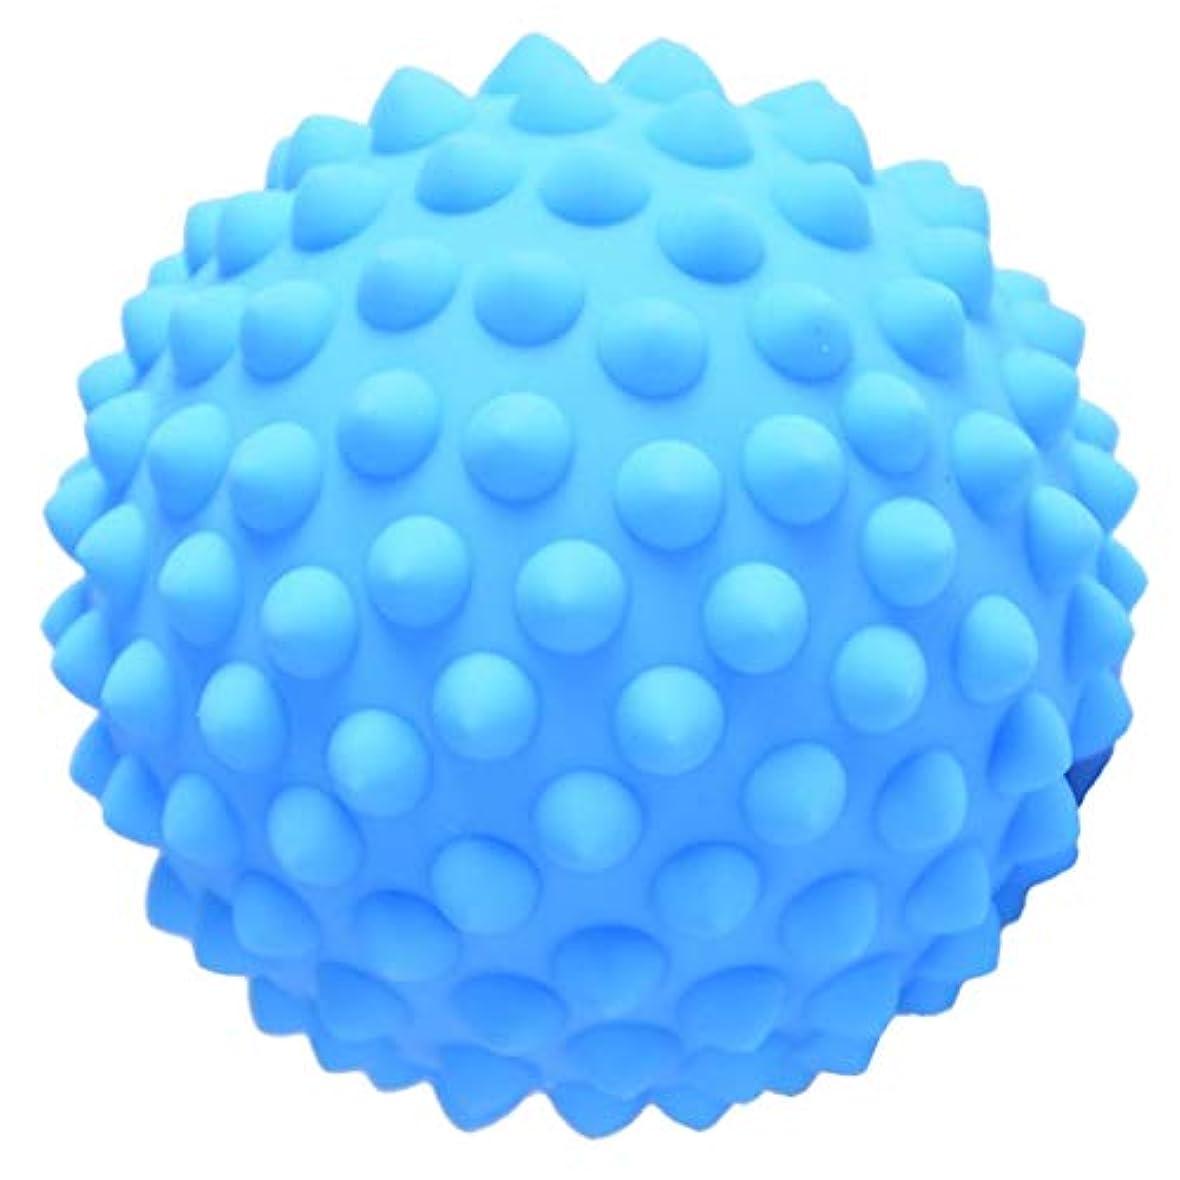 製造容疑者アラブサラボハードPVC 9センチのとがったマッサージローラーボール指圧ボディリラクゼーションマッサージ - 青, 説明のとおり